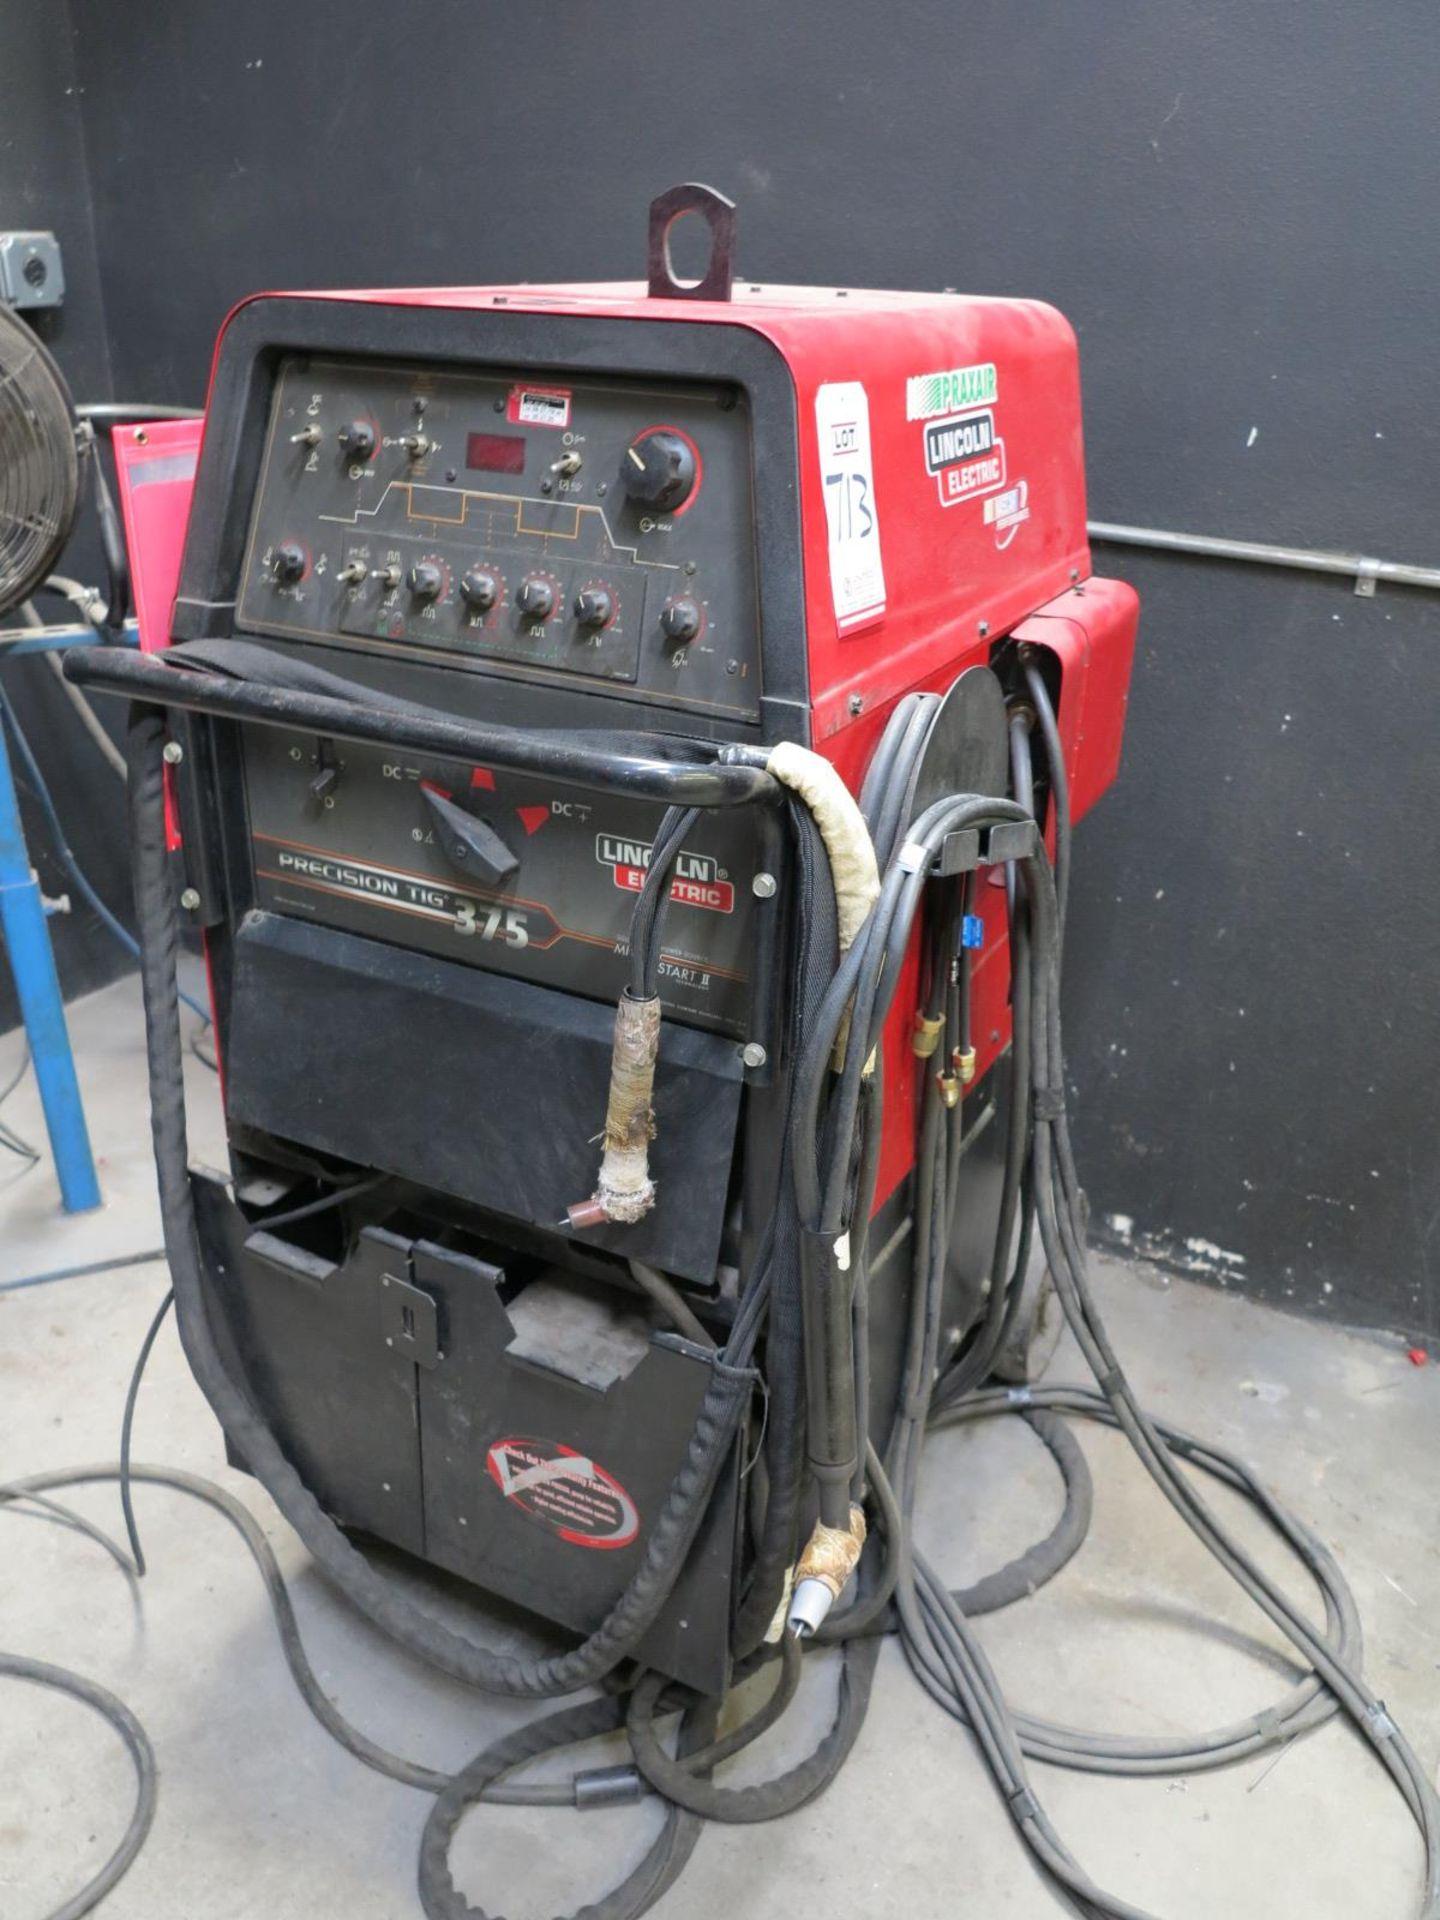 Lot 713 - LINCOLN ELECTRIC PRECISION TIG 375 WELDER